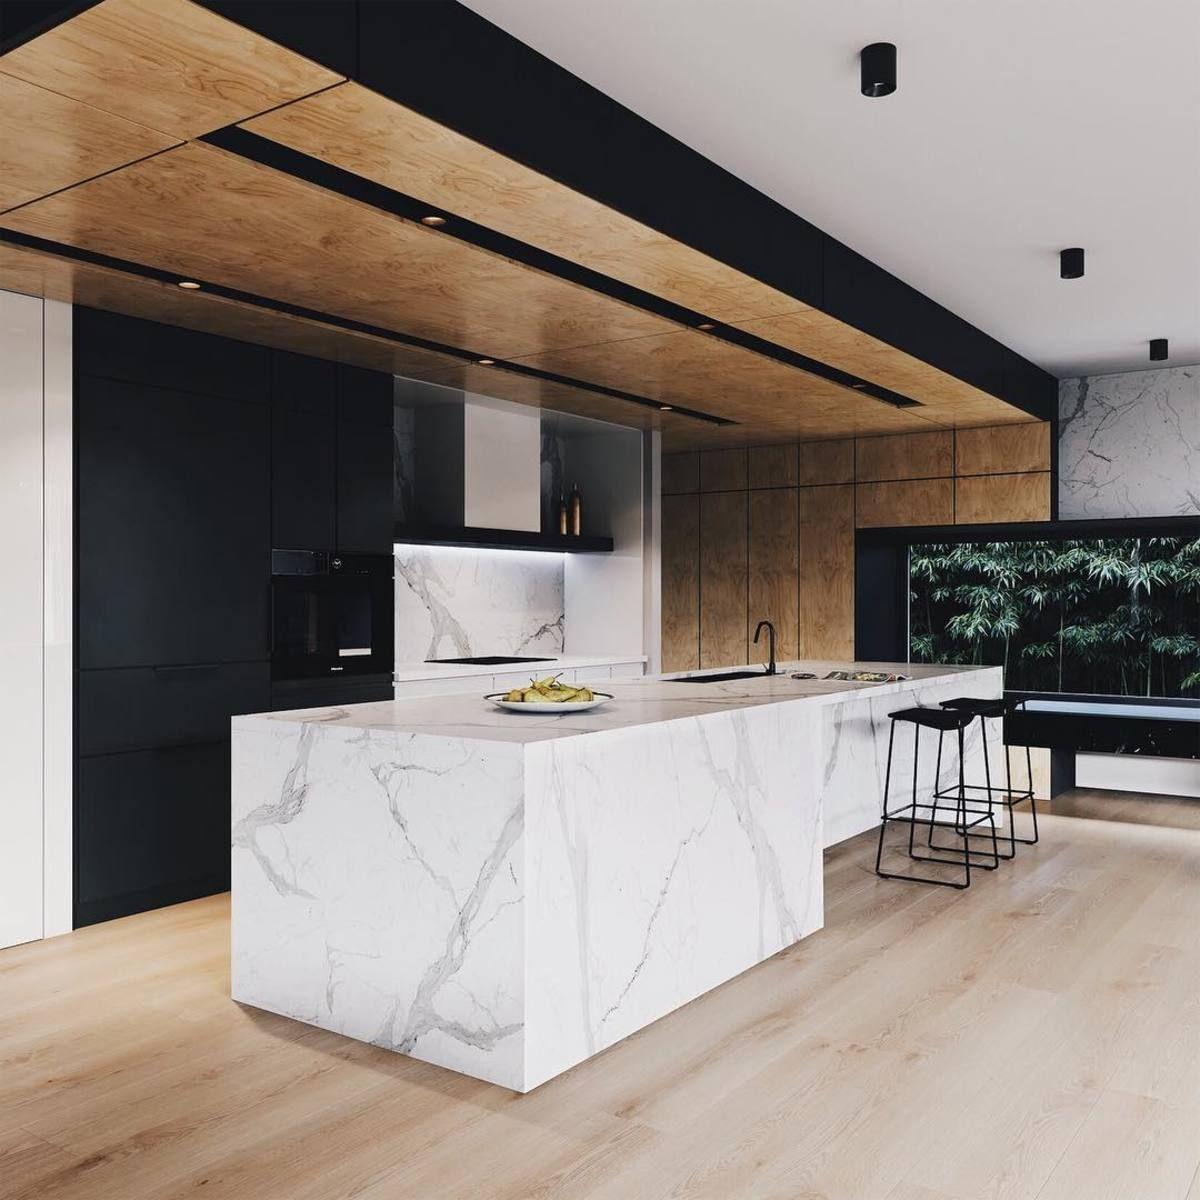 Minimal Interior Design Inspiration Interior Design Kitchen